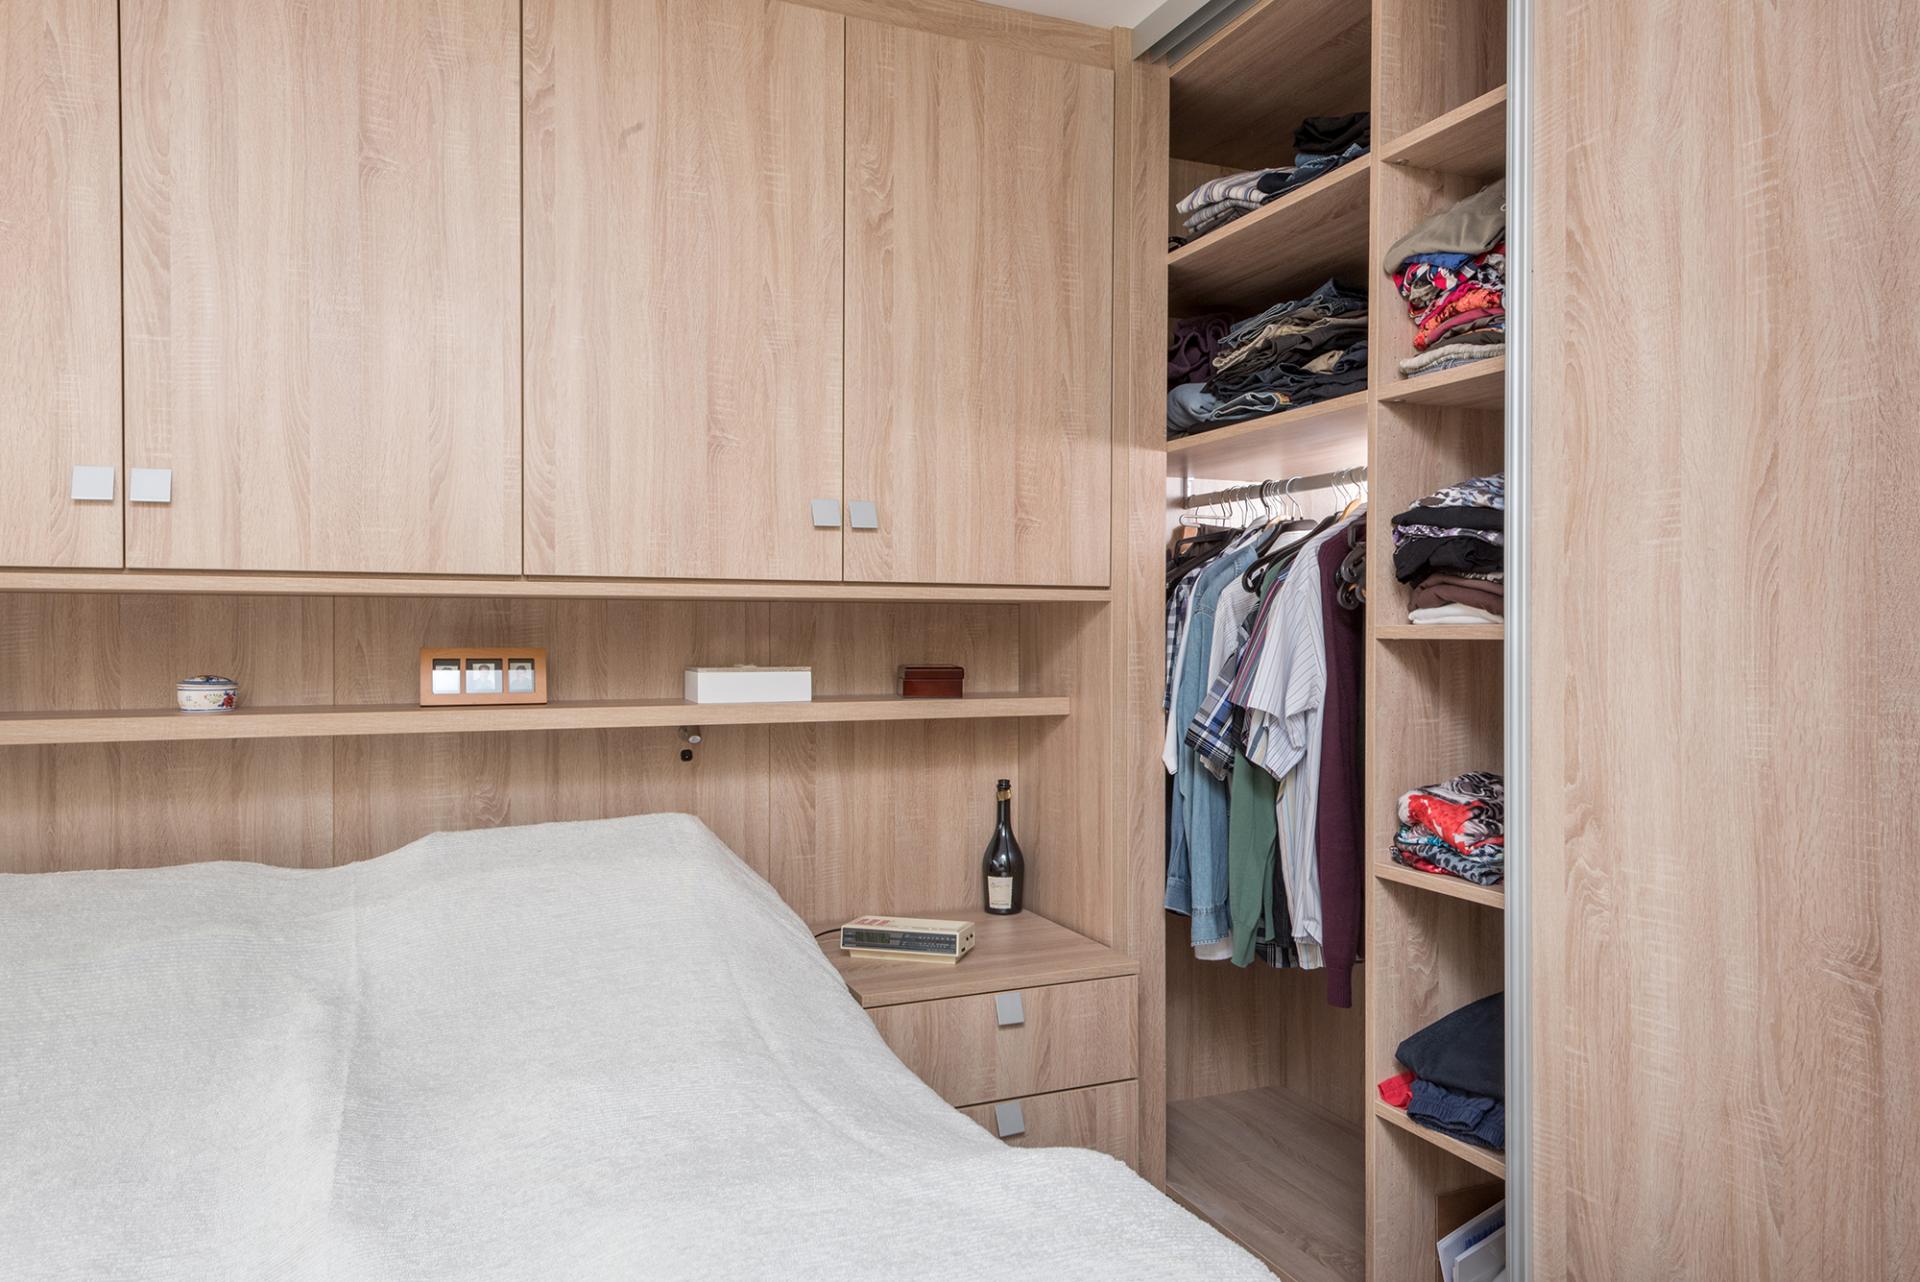 Woonideeen Slaapkamer Paars : Slaapkamer met brug realisaties maatwerk deba meubelen